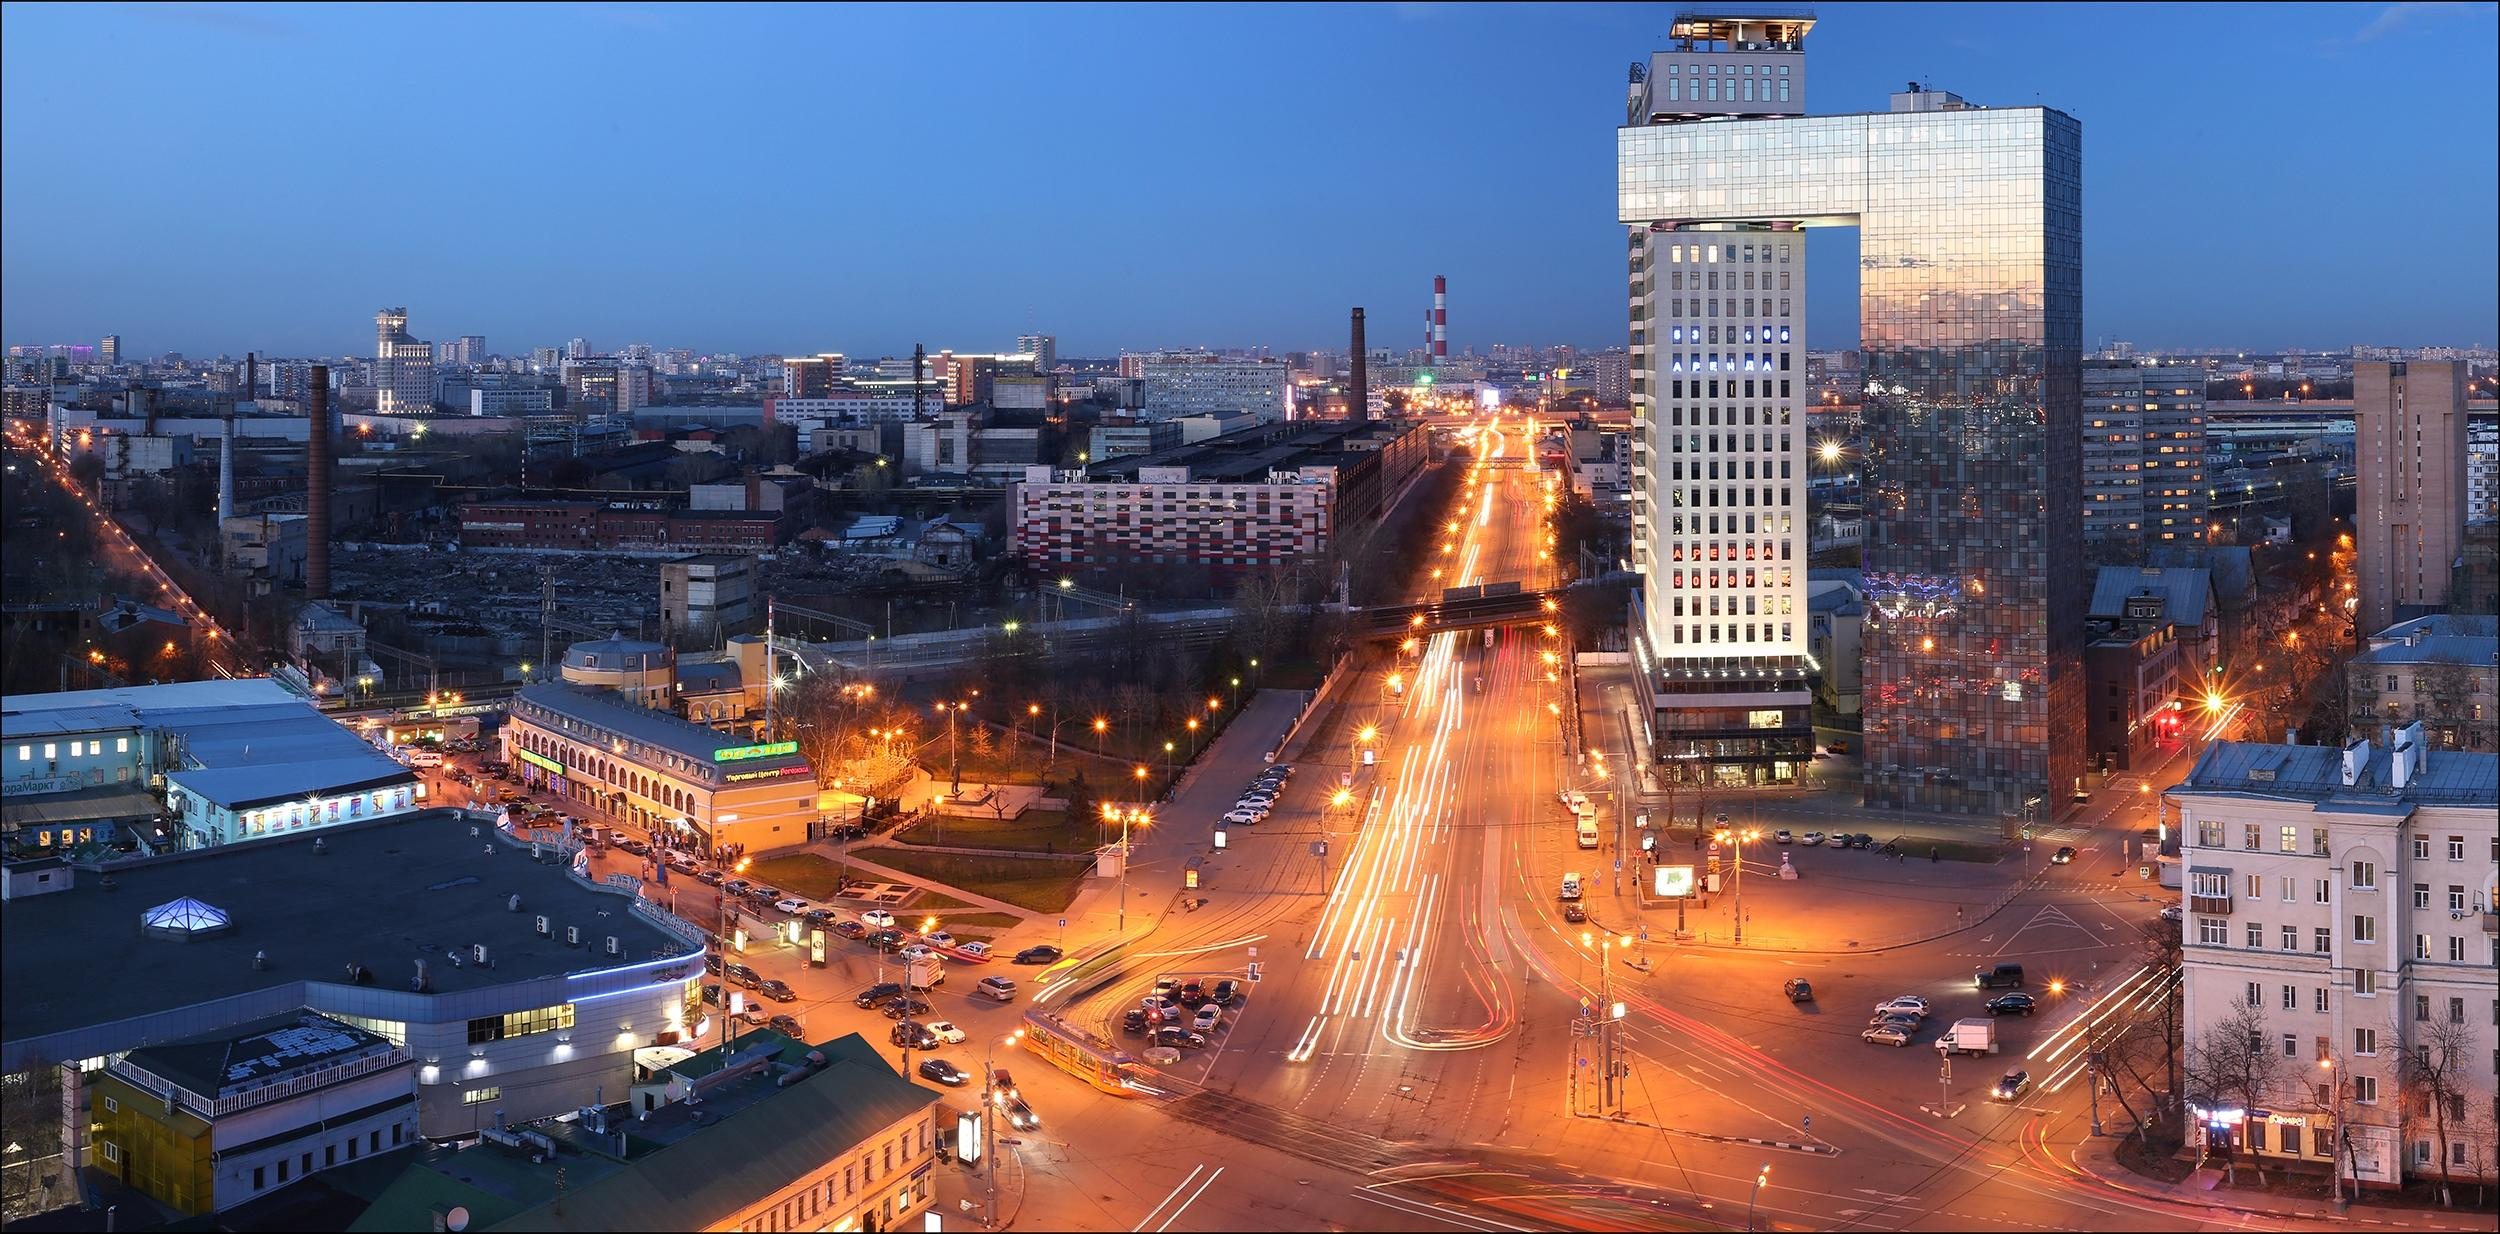 Обои Москва, площадь Рогожская застава, Россия